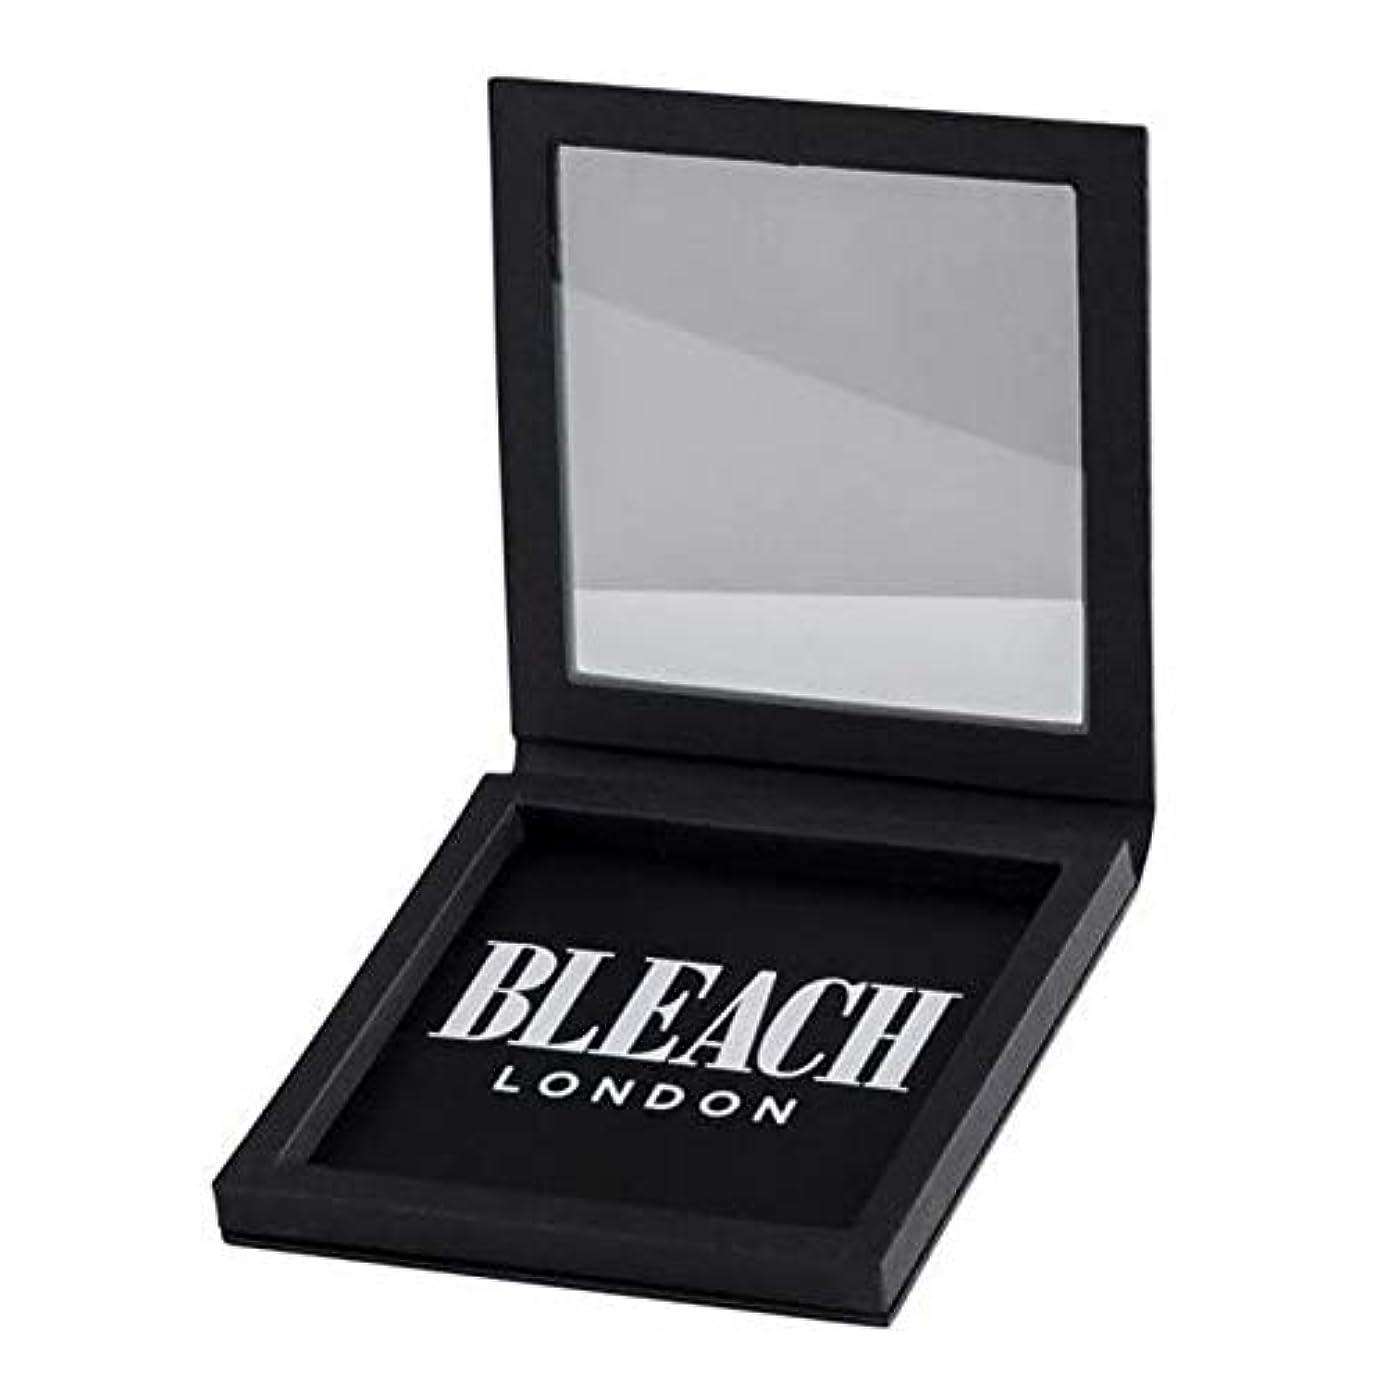 ミル給料スプリット[Bleach London ] 小さなパレットByo漂白ロンドン - Bleach London BYO Palette Small [並行輸入品]